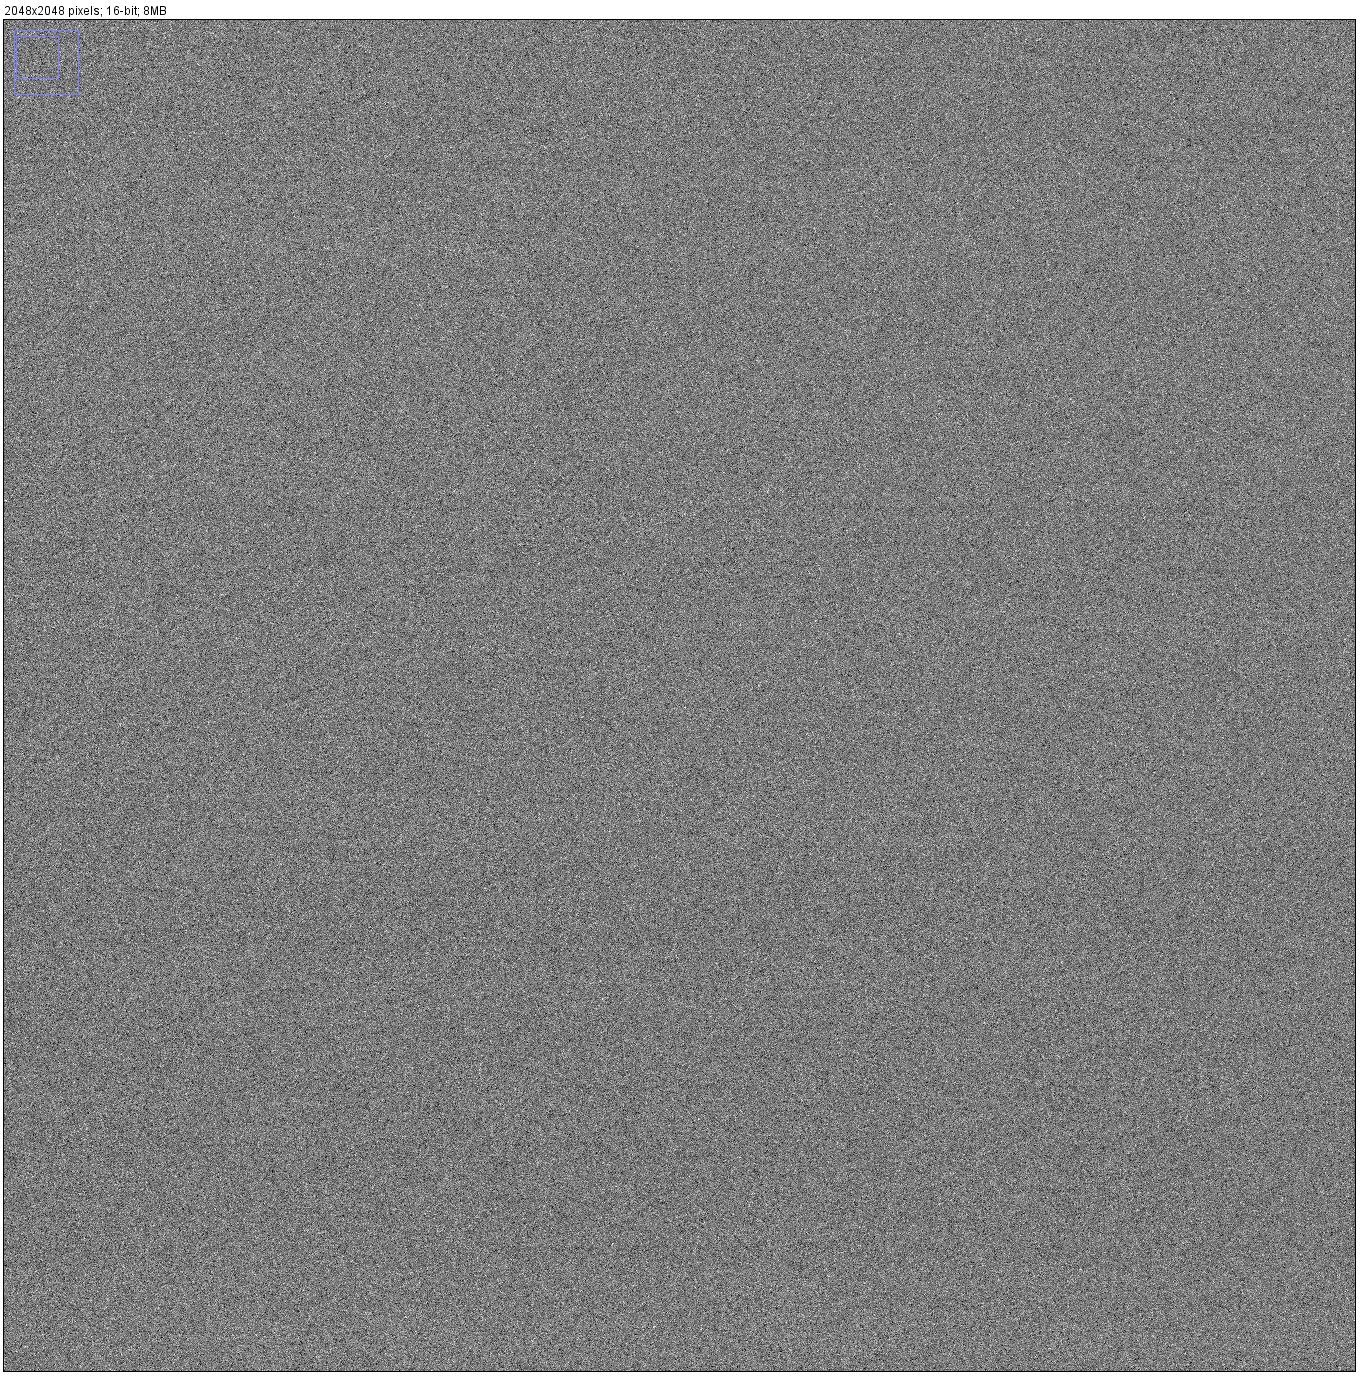 GS2020-CMS12b.PNG.a7c33960372a665623265520a520e25d.PNG